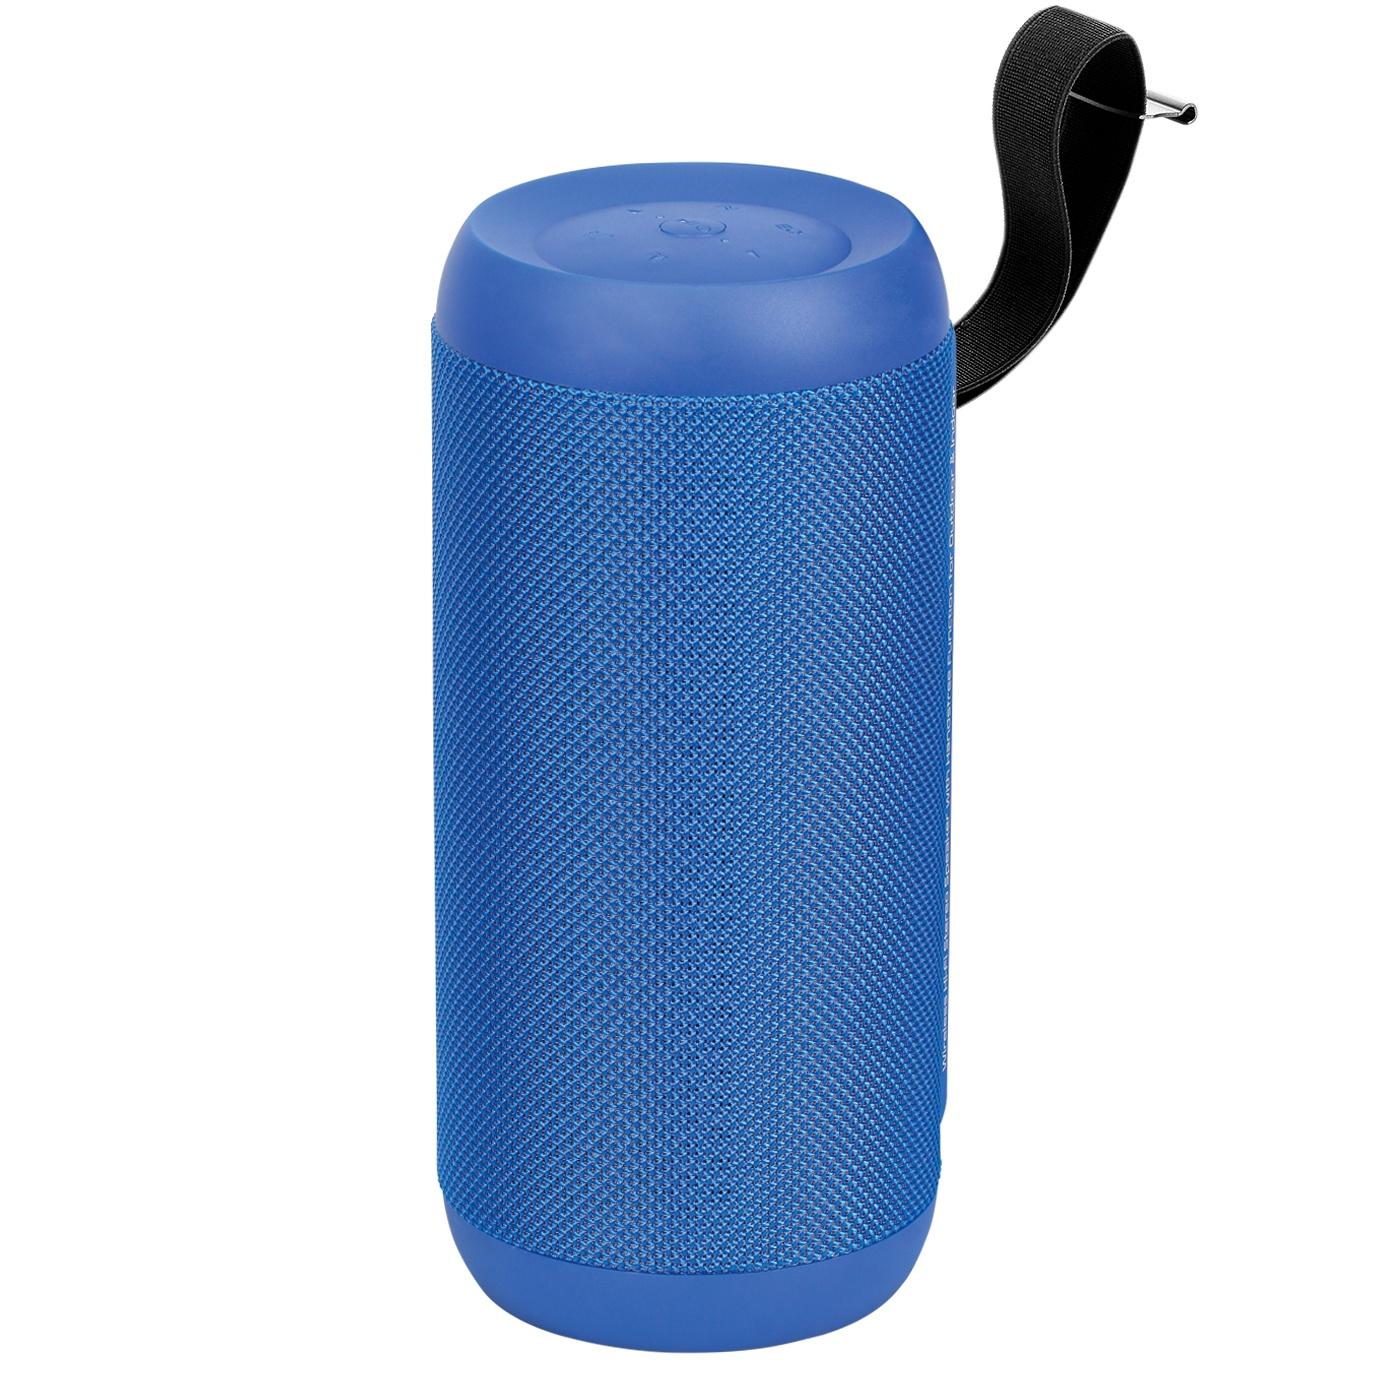 Беспроводная колонка Promate Silox Blue, синий все цены